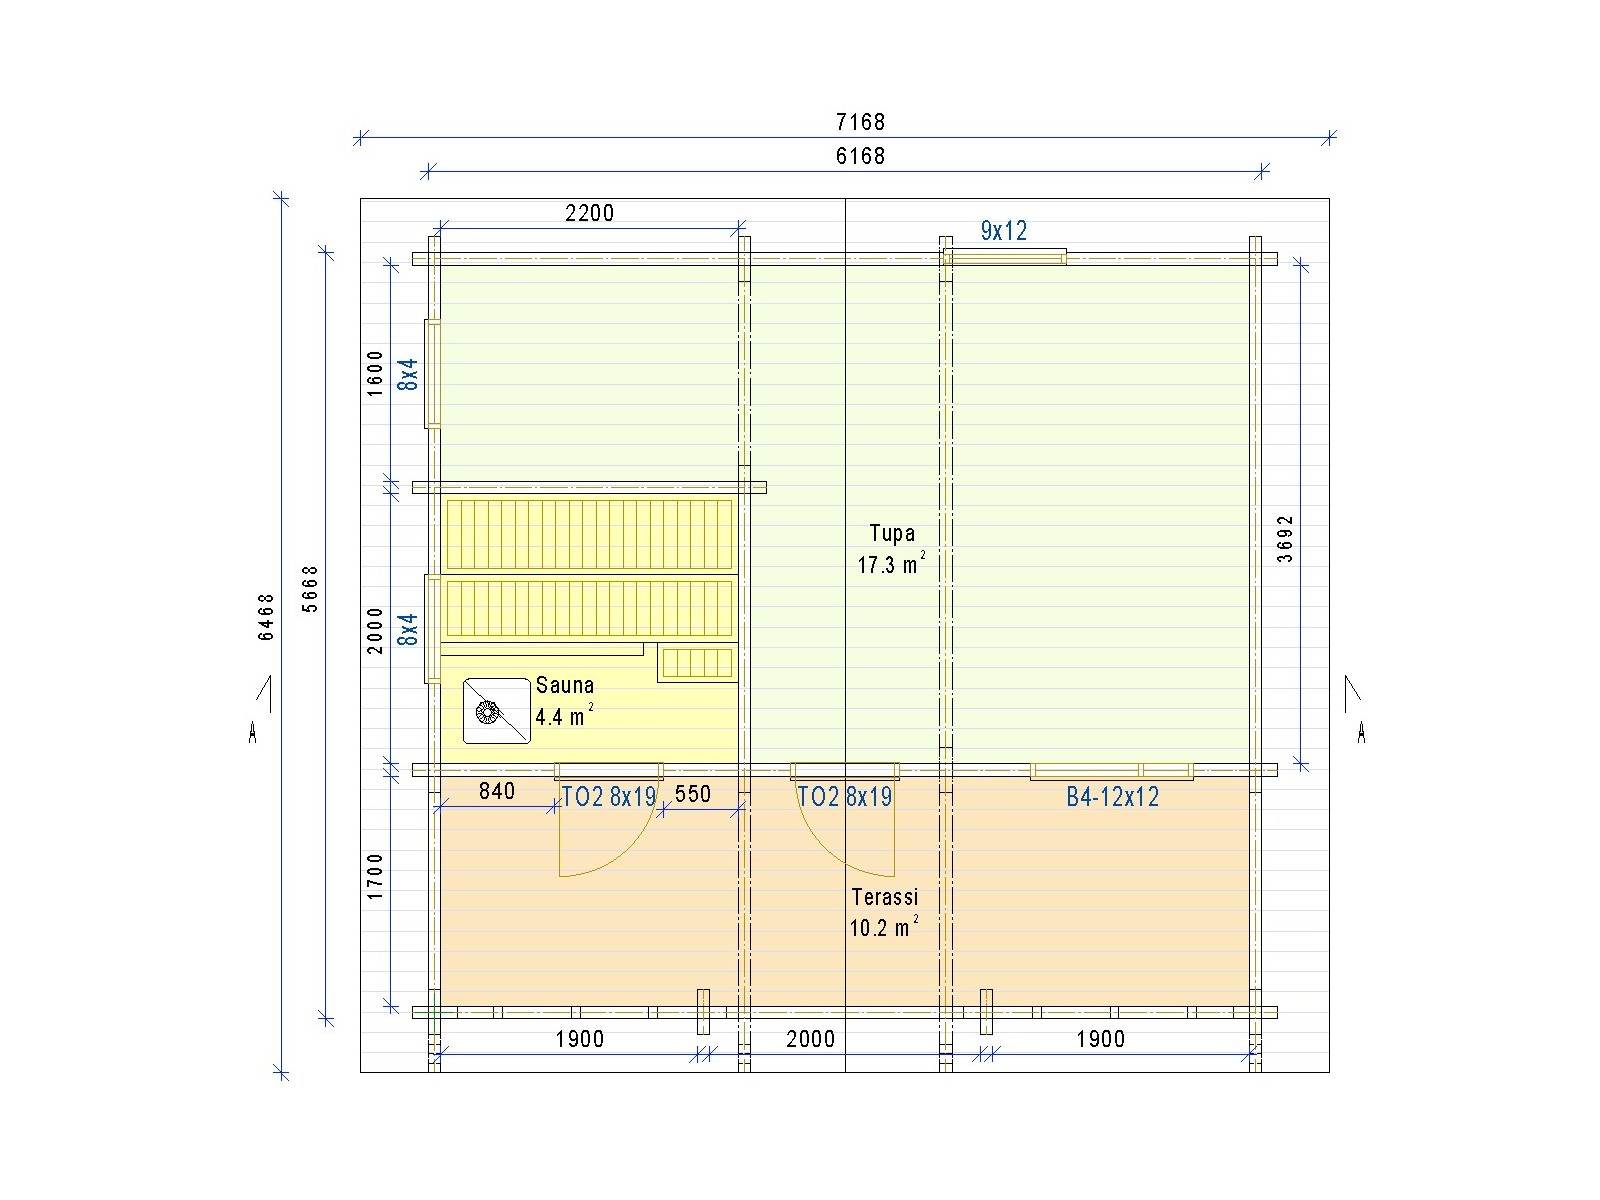 Saunamökki Tuohi - Pukuhuoneeton malli - Pohjakuva